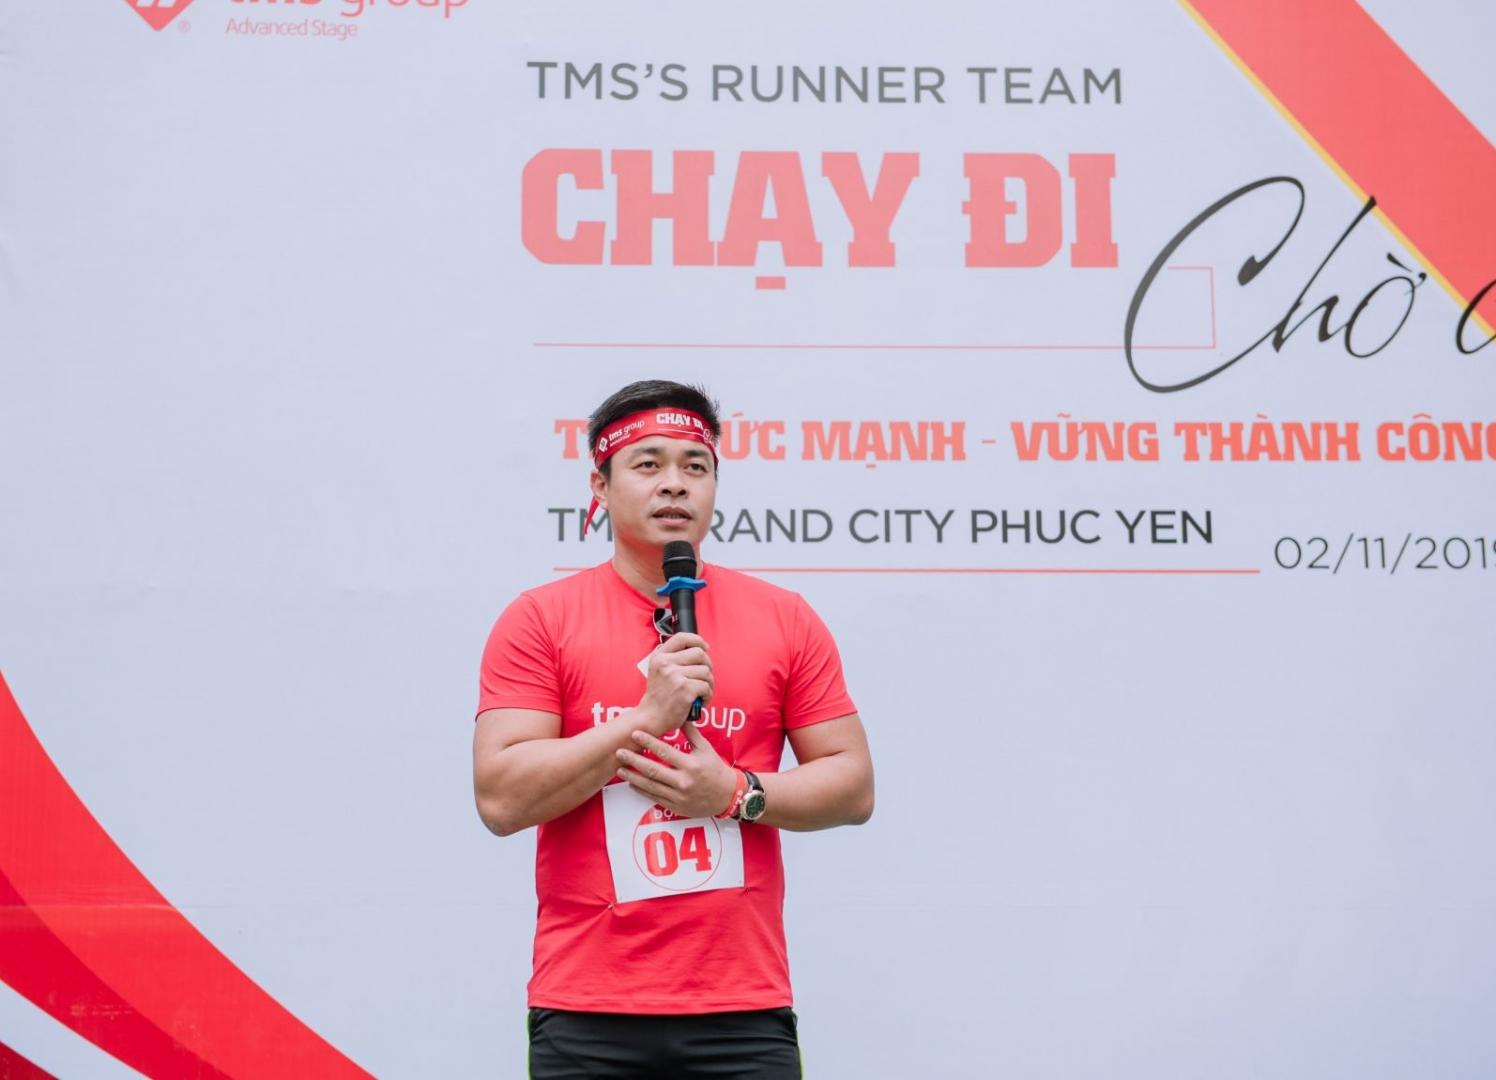 Ông Nguyễn Việt Phương – Tổng giám đốc TMS Group phát biểu cổ vũ tinh thần CBNV tham gia giải chạy